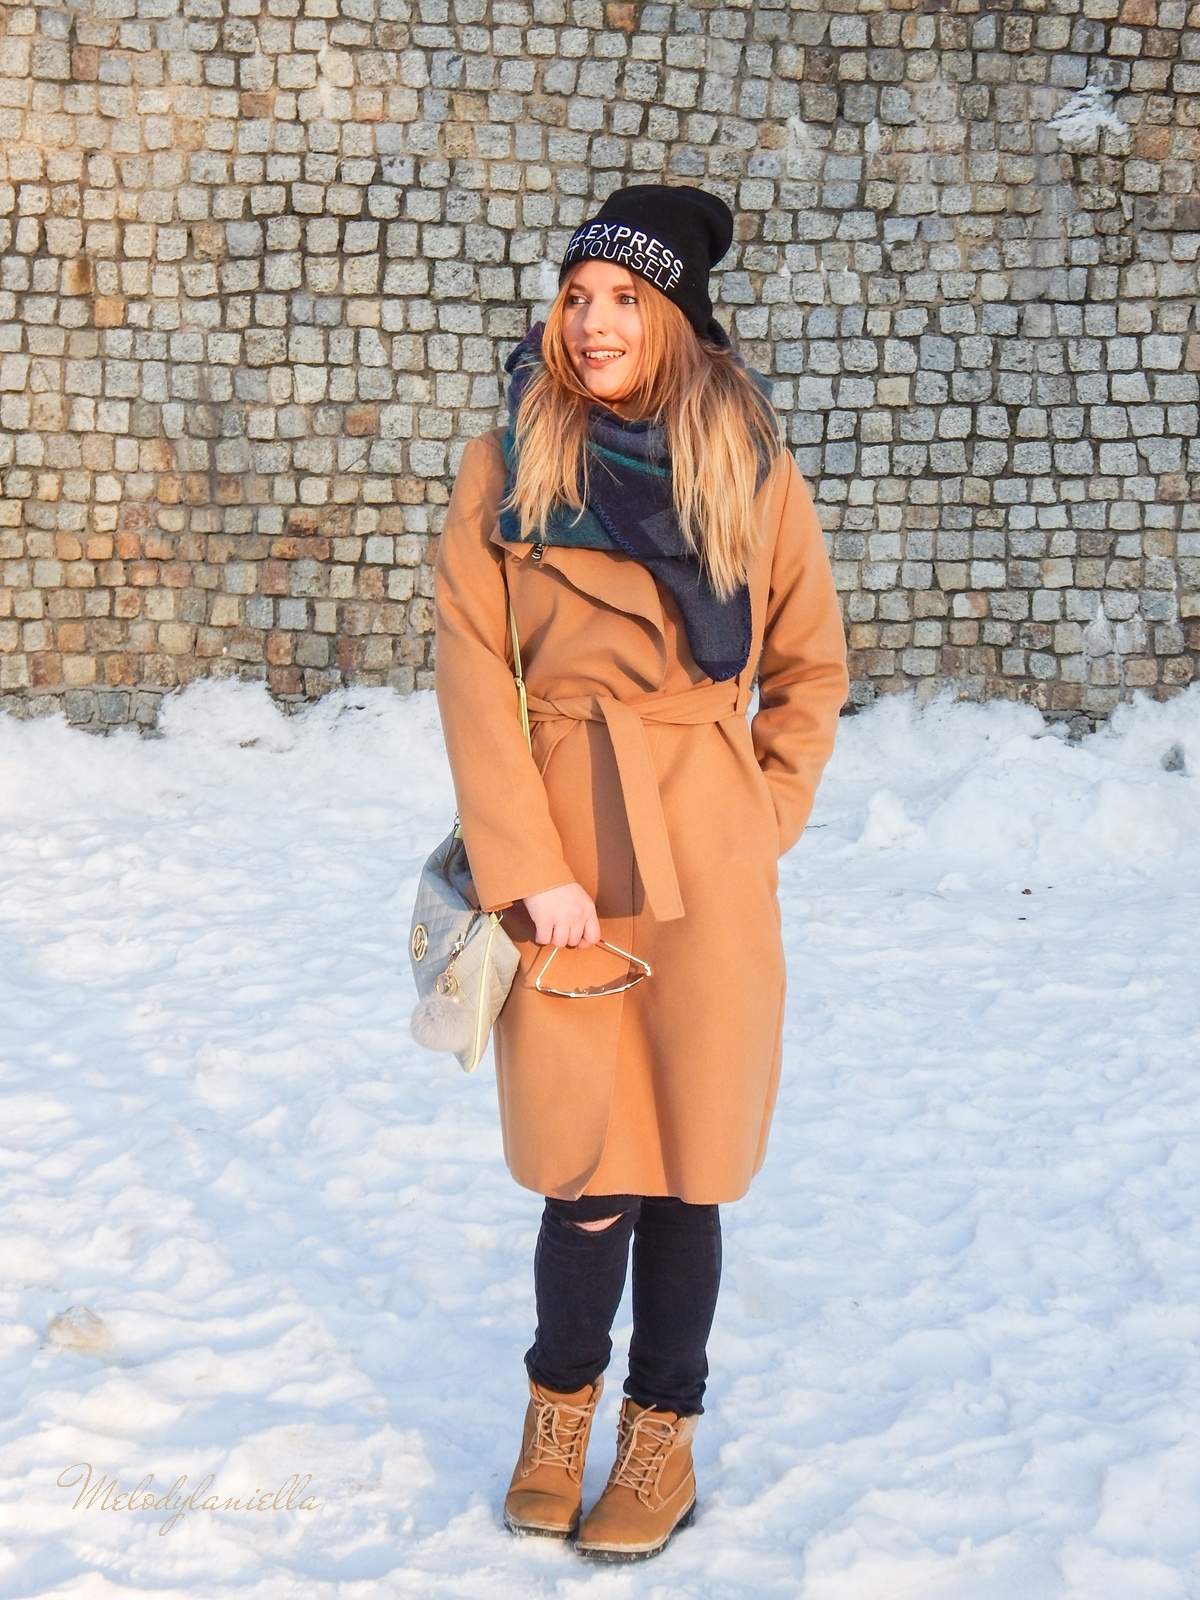 13  melodylaniella wełniany piaskowy beżowy karmelowy wielbłądzi płaszcz stylizacja na zimę białe dodatki torebka manzana trapery deichmann czepka bellissima duży szal okulary fashionist